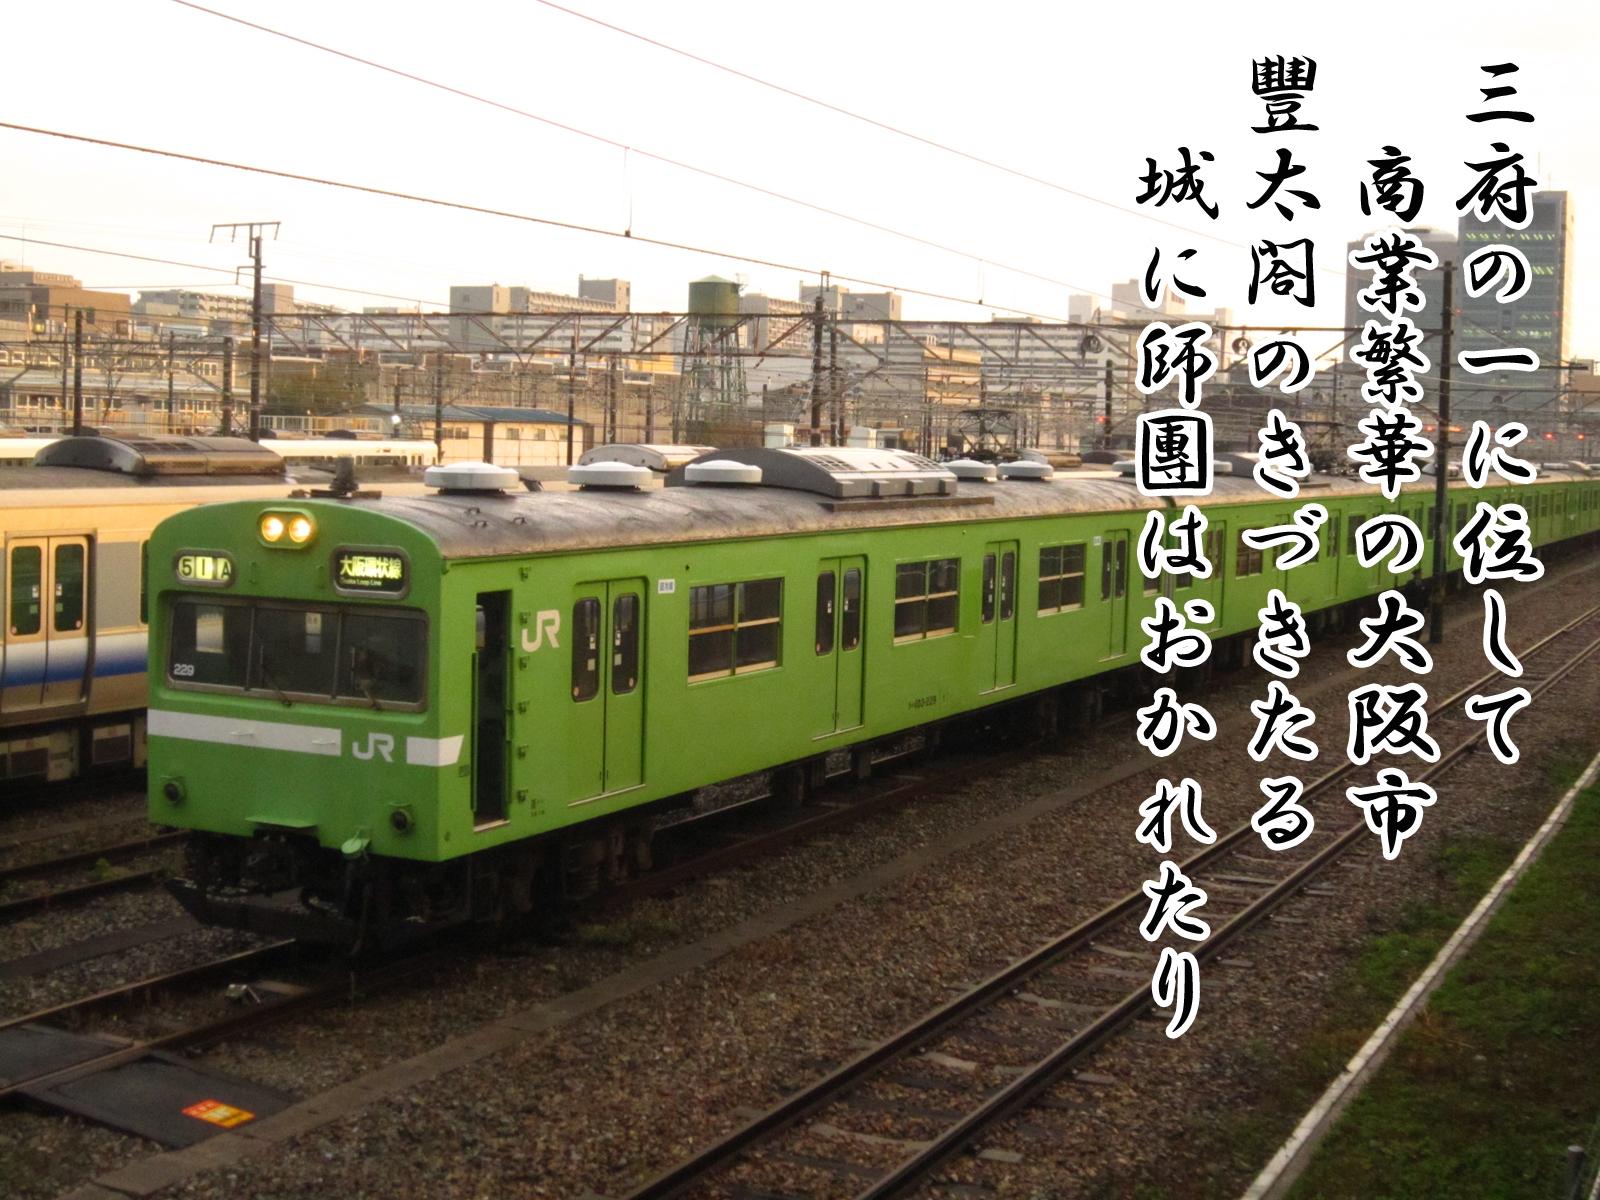 20150818-10.jpg